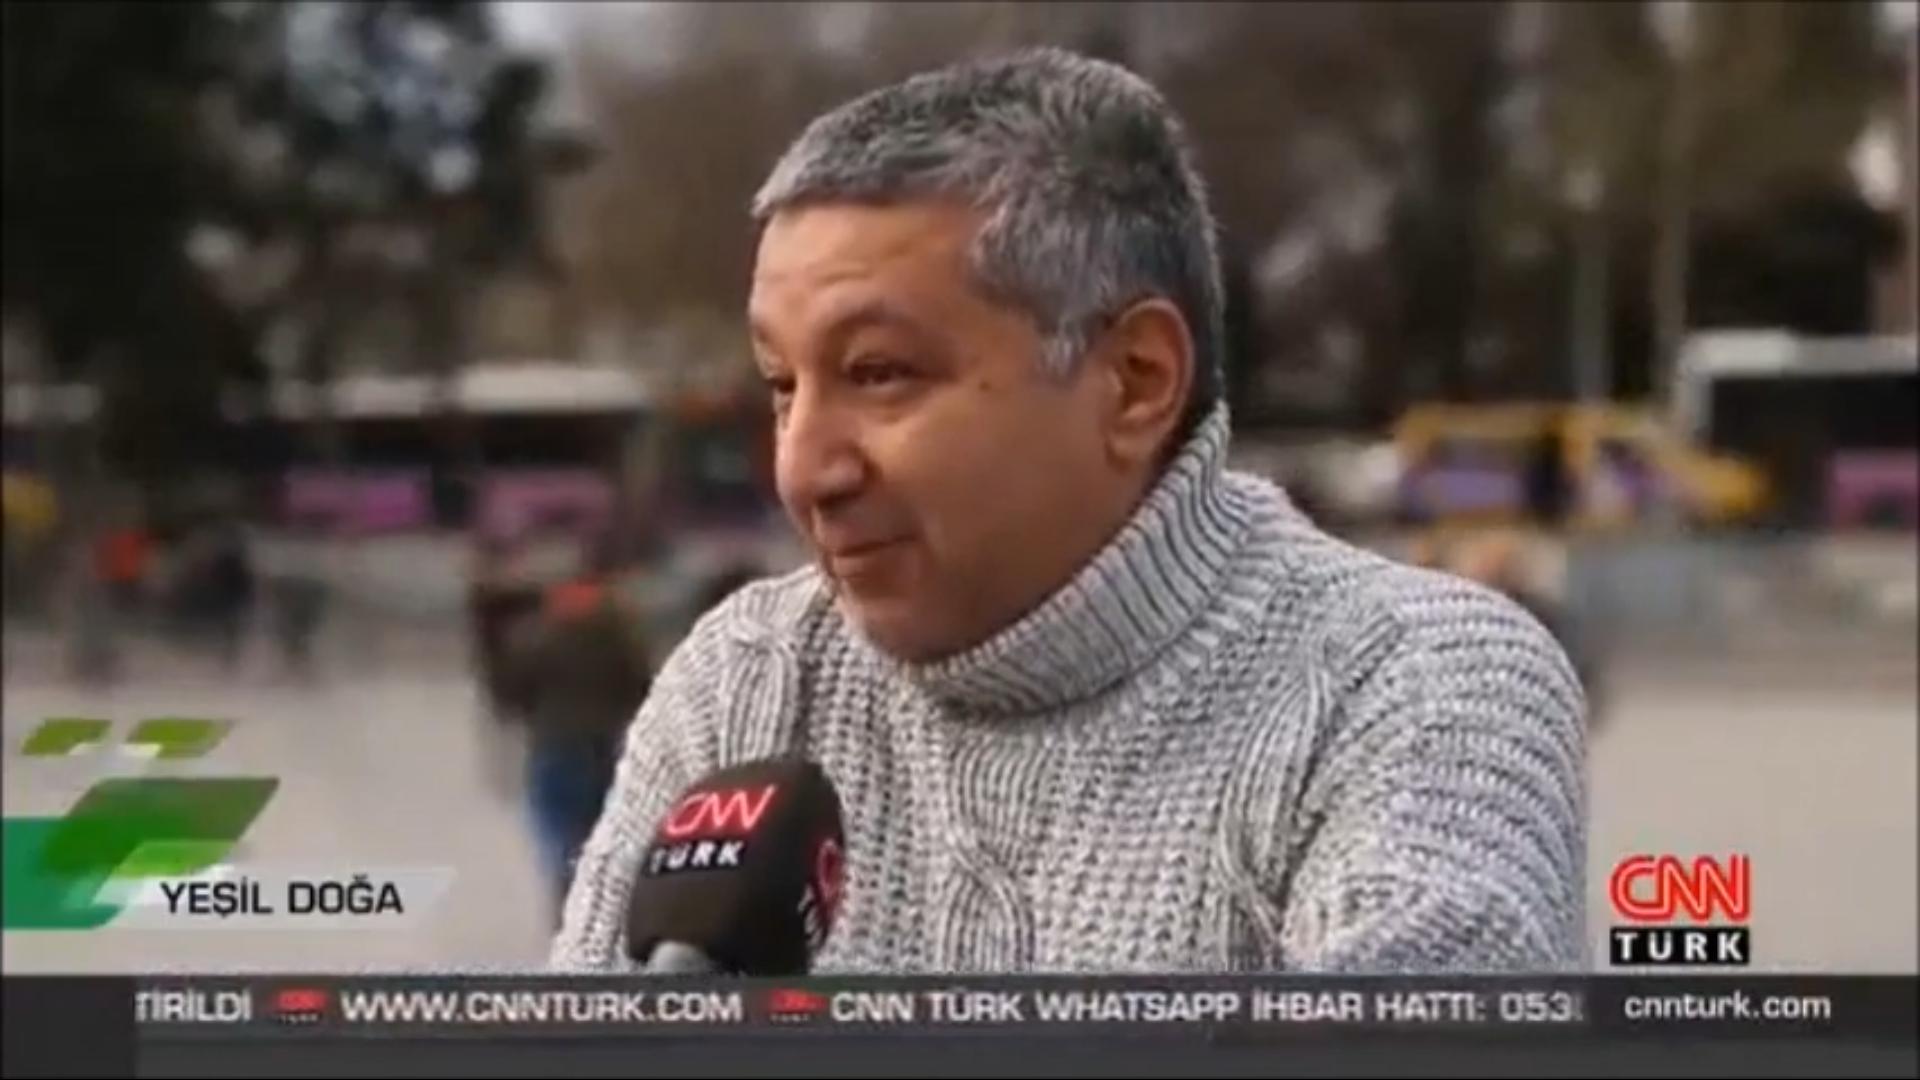 Atlı faytonlar ile yaptığımız mücadele ile ilgili, CNN Türk Yeşil Doğa programındaydık. ÖZET - 2020